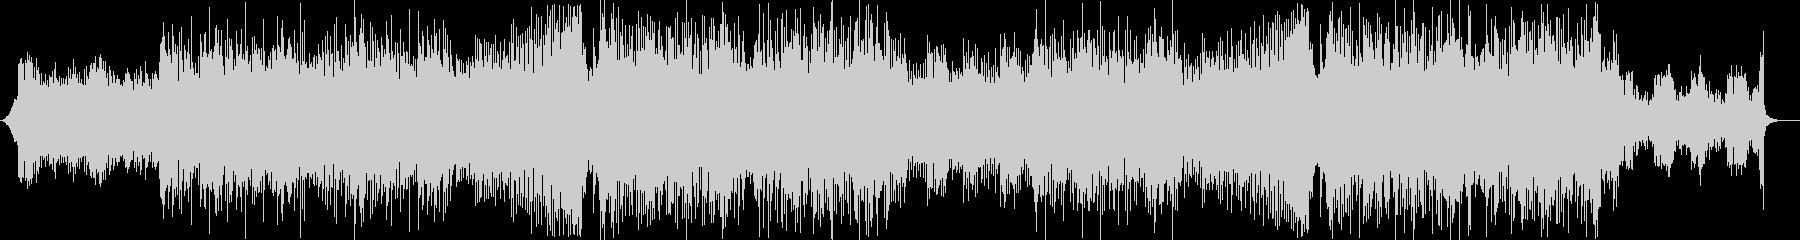 クールで少し切ないFuture Bassの未再生の波形